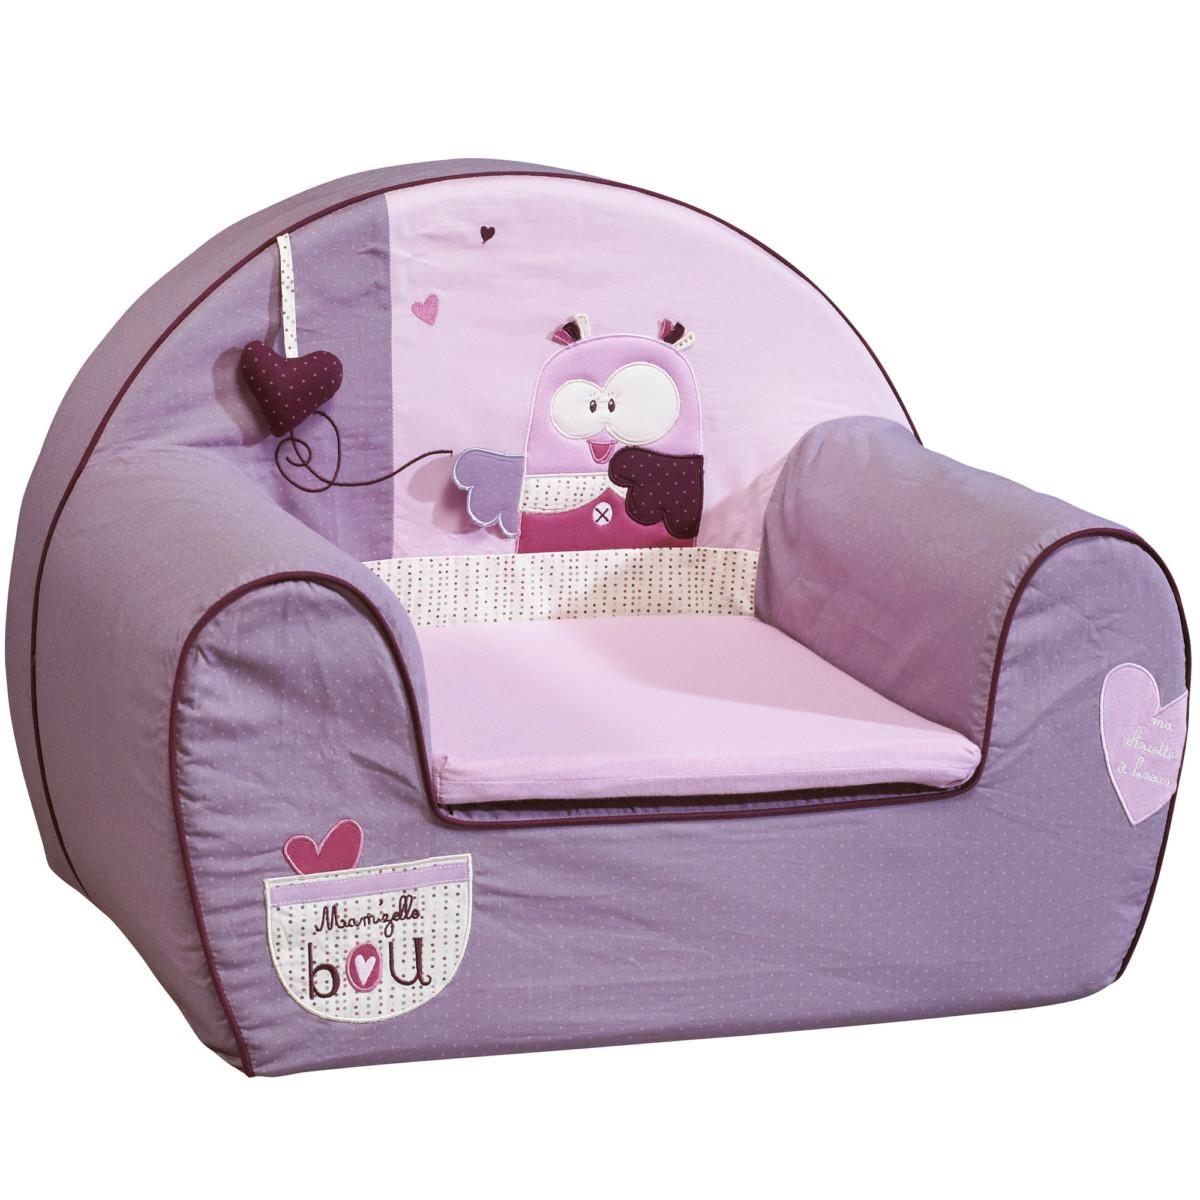 Mam'zelle Bou fauteuil club Violet de Sauthon Baby Déco, Fauteuils